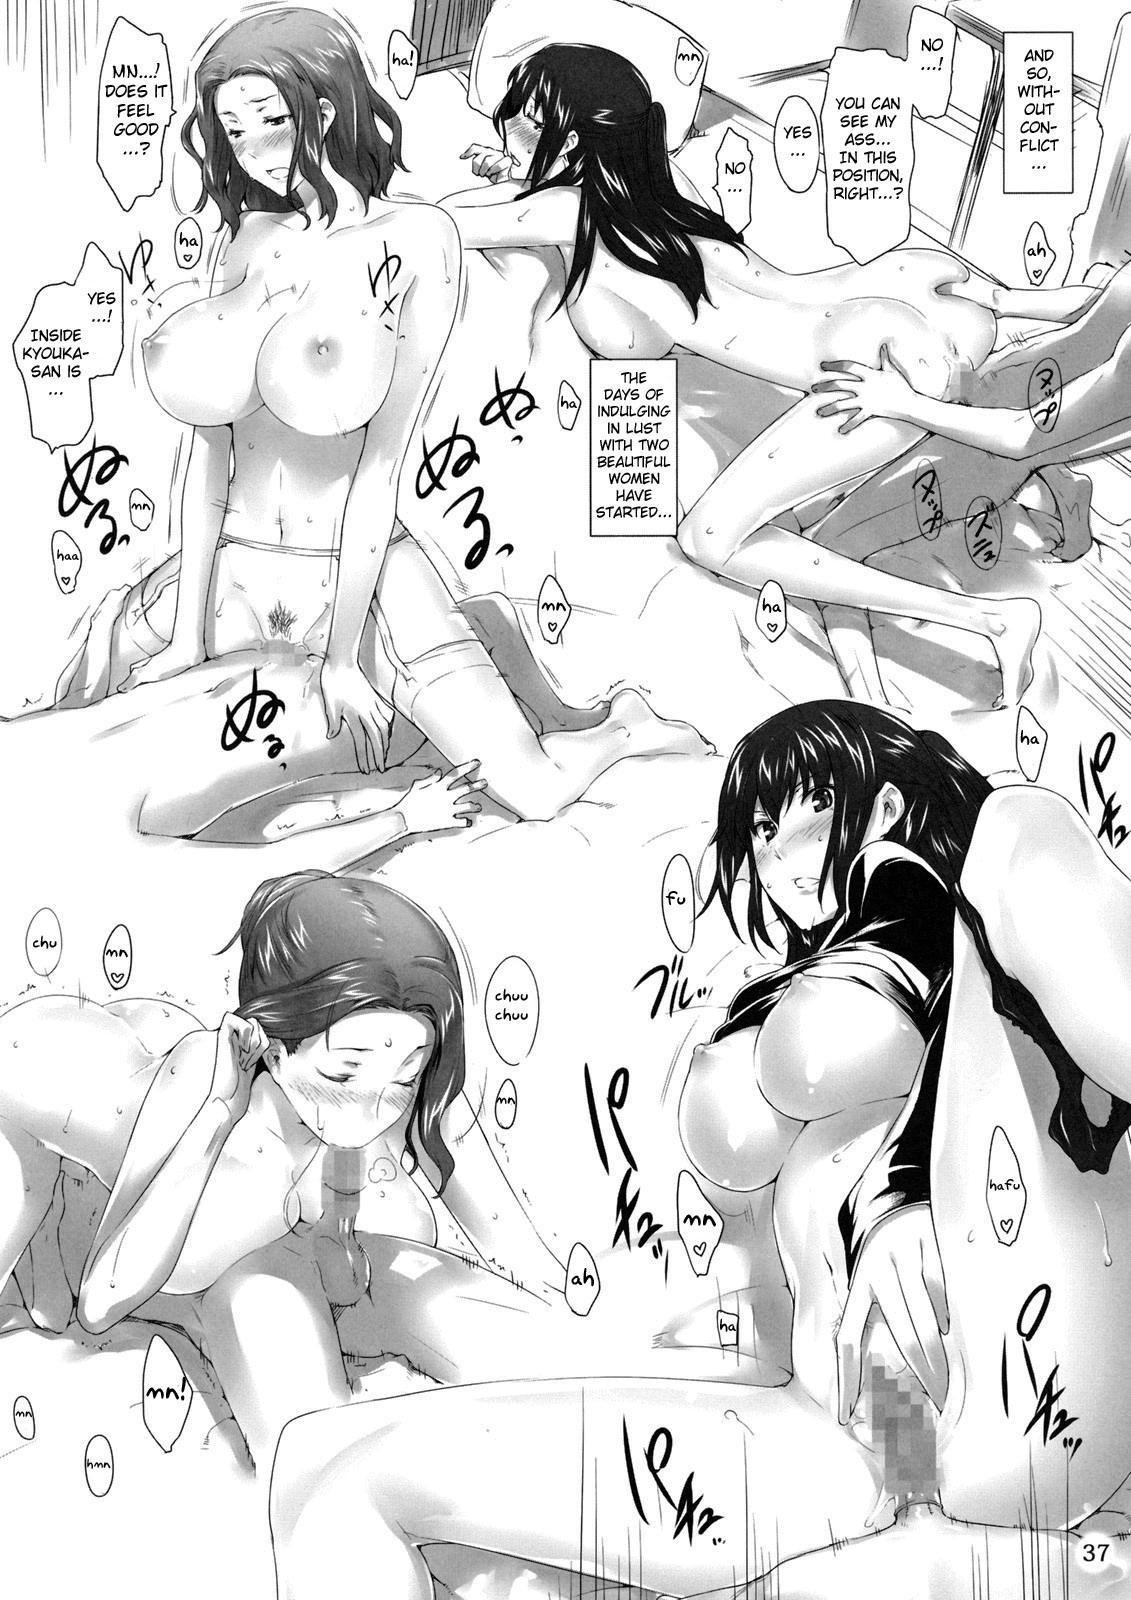 (C81) [MTSP (Jin)] Tachibana-san-chi no Dansei Jijou | Tachibana-san's Circumstances With a Man [English] {doujin-moe.us} 35